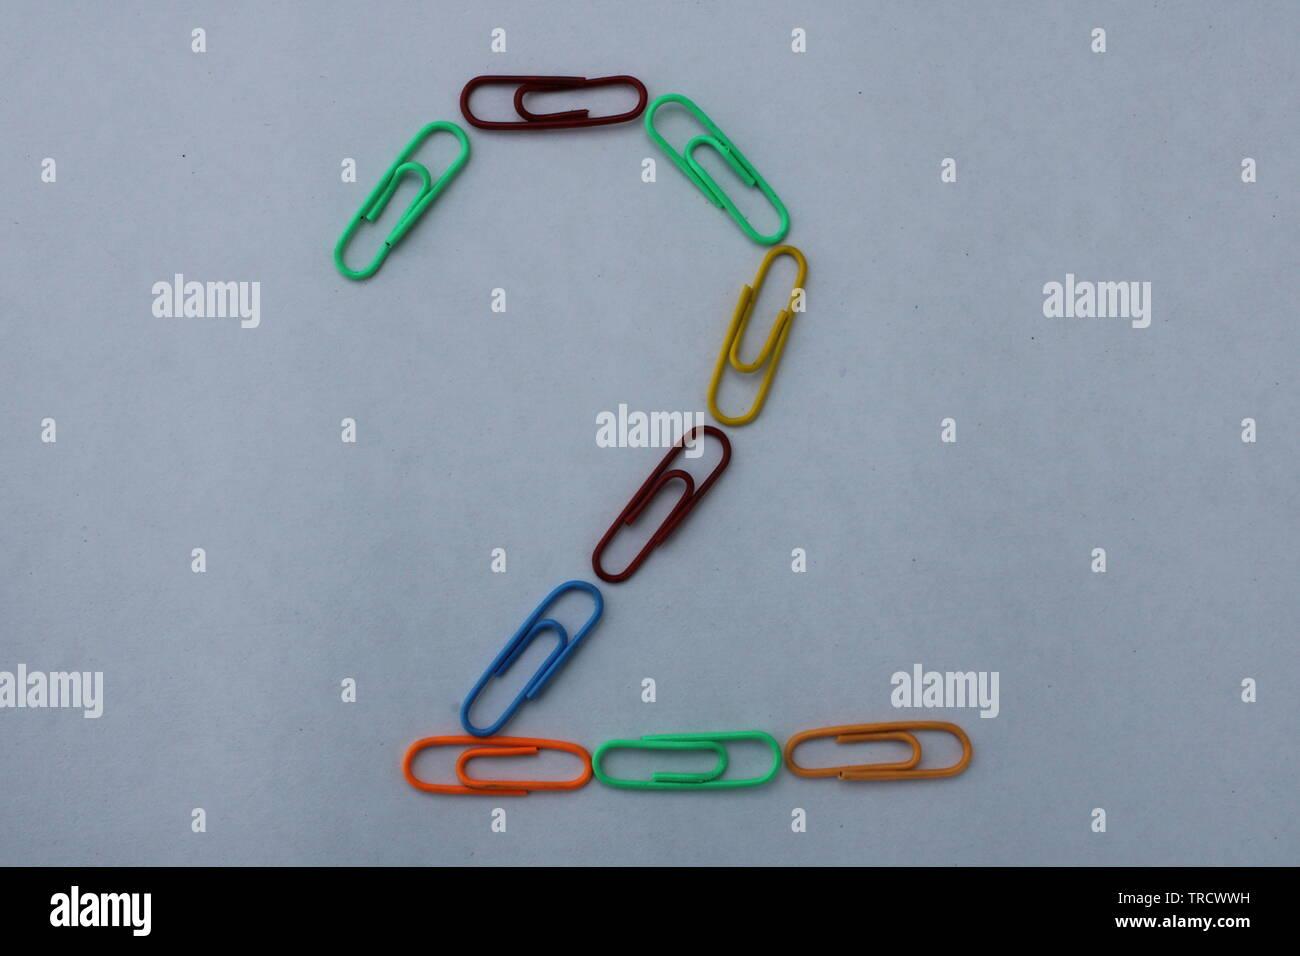 Numero 2 realizzato con carta colorata clip su sfondo bianco Foto Stock